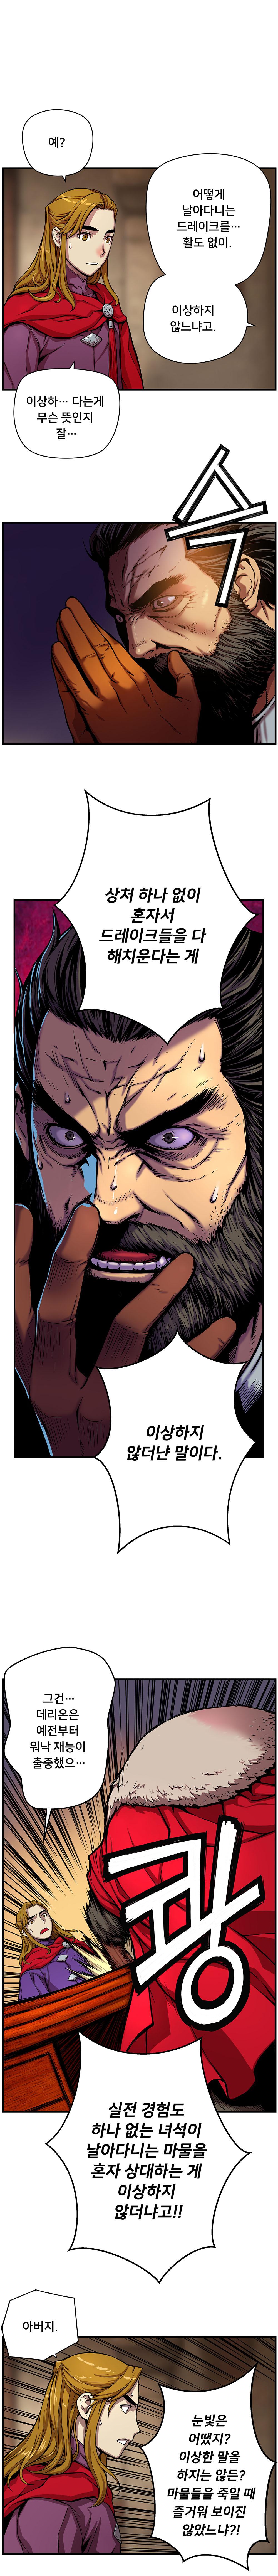 데리온 #10 리니지 데스나이트의 탄생에 얽힌, 드래곤 슬레이어 '드루가' 가문 이야기